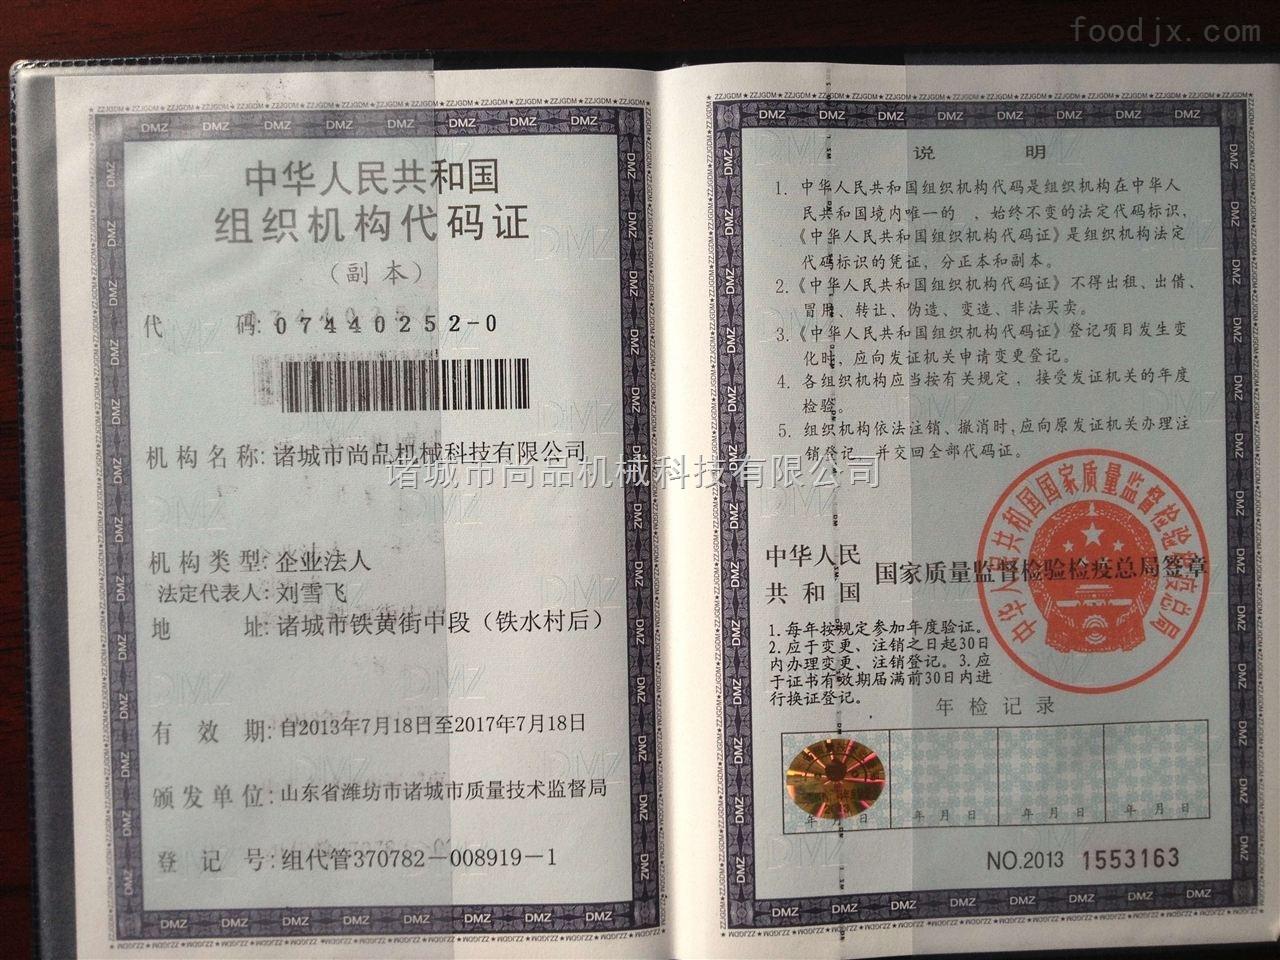 中华人民共和国组织结构代码证